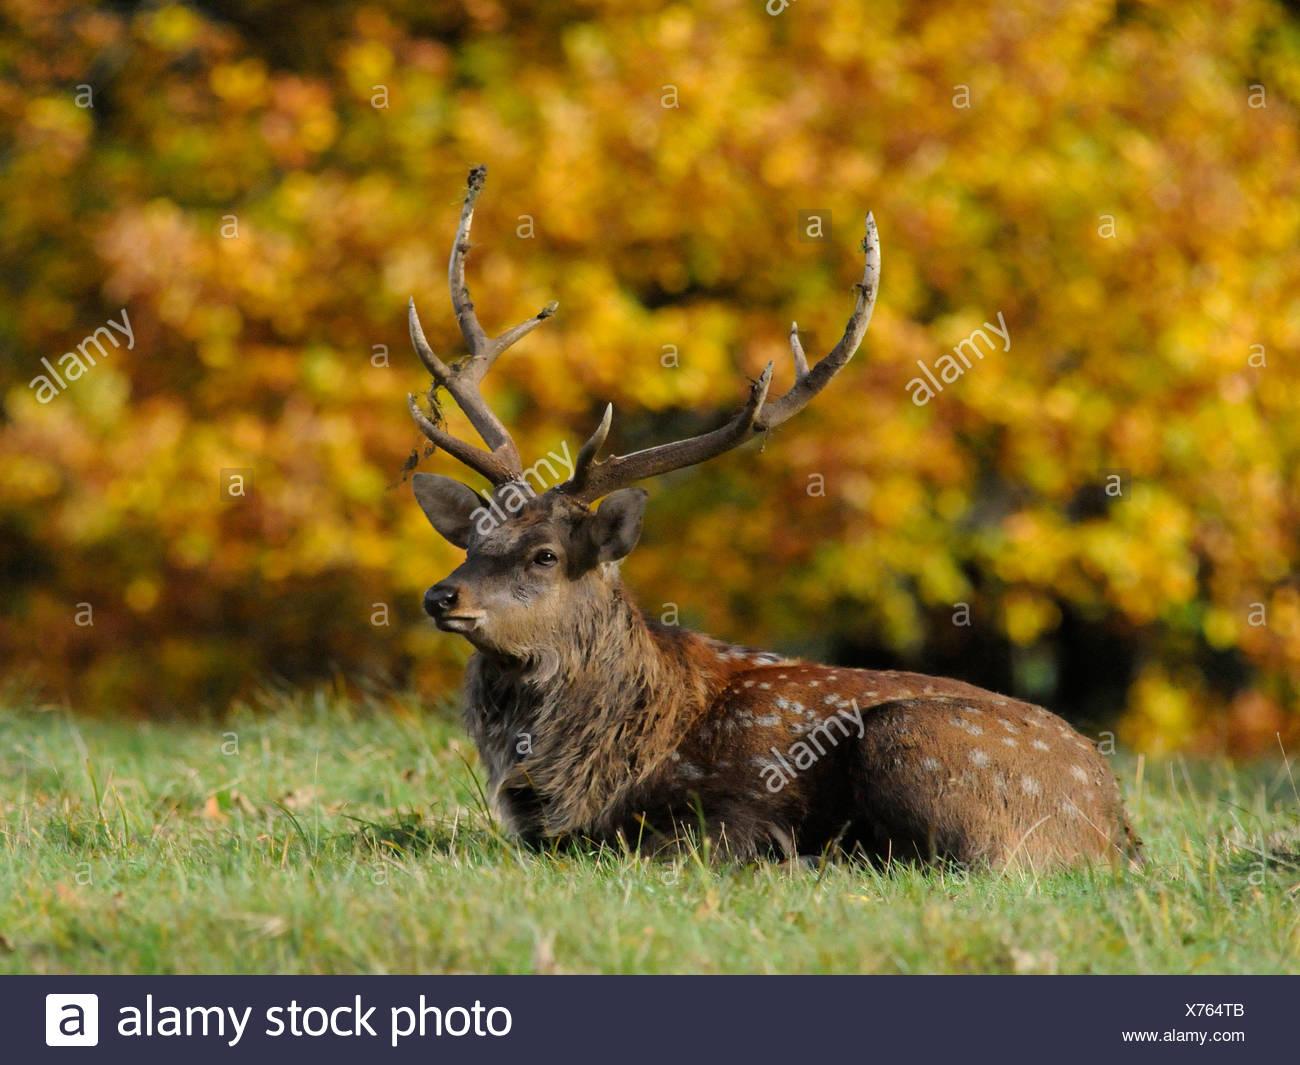 Un jeune cerf assis au feuillage de l'automne dans la campagne. Photo Stock